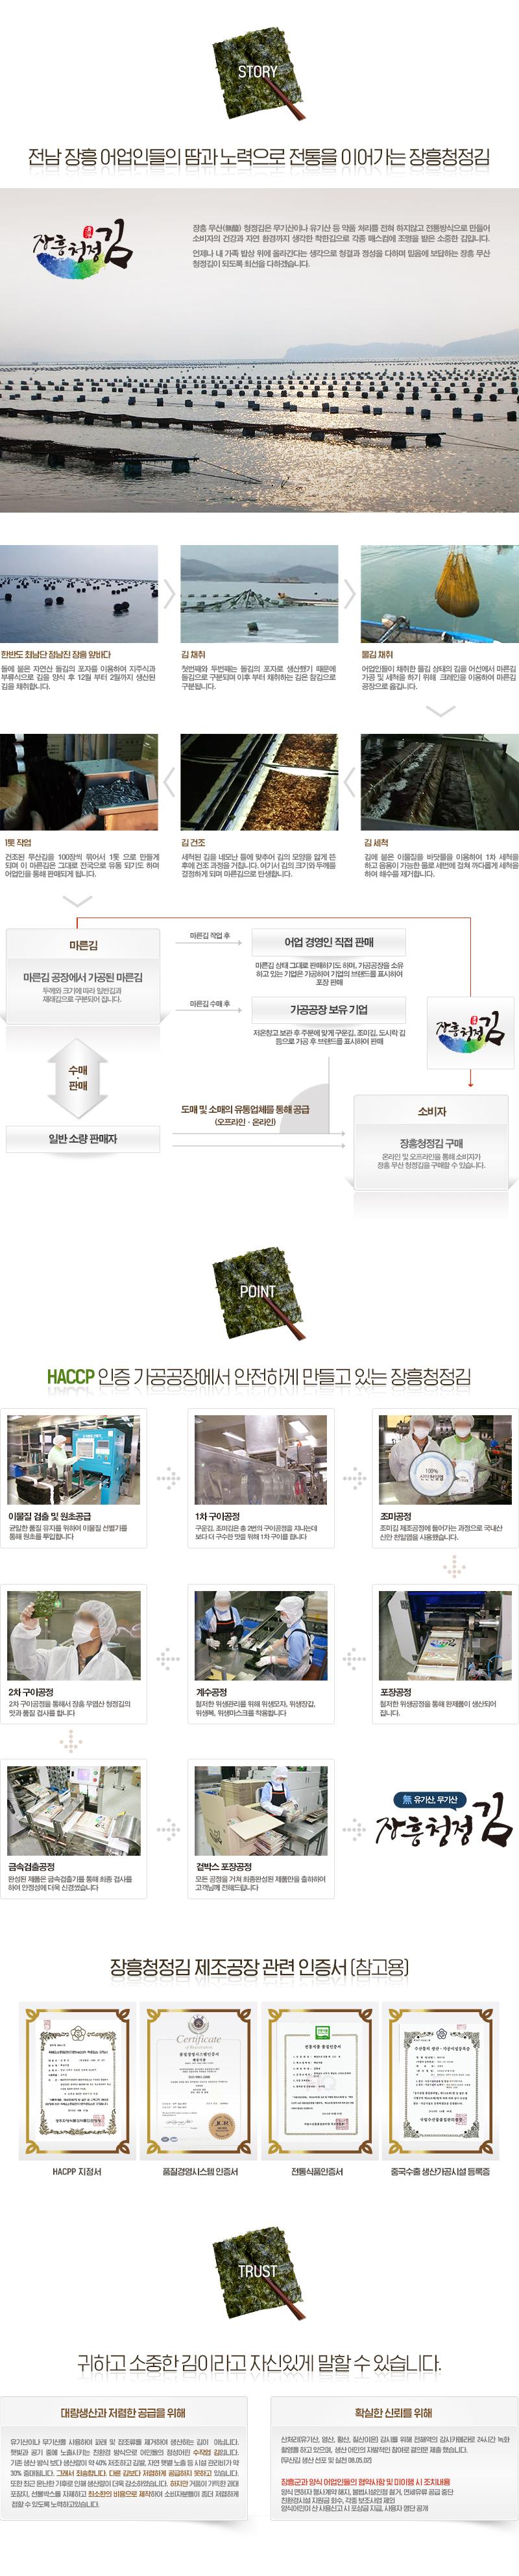 장흥청정김 조미김30봉 홈쇼핑 기획 구성